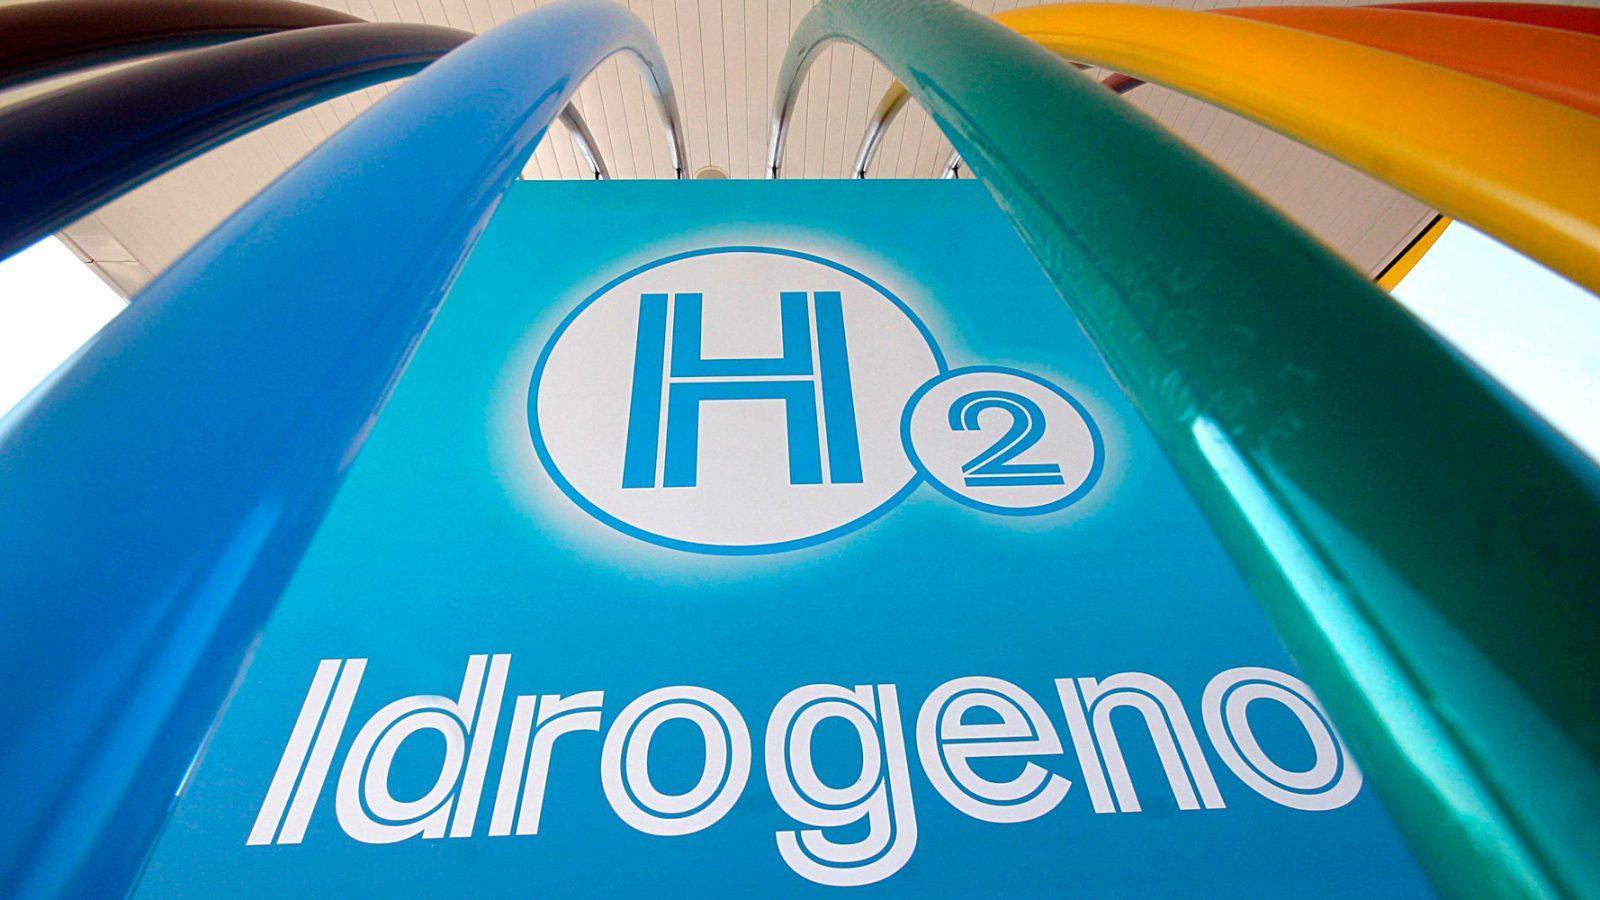 Stazione di servizio a idrogeno Agip (fonte: Imagoeconomica)